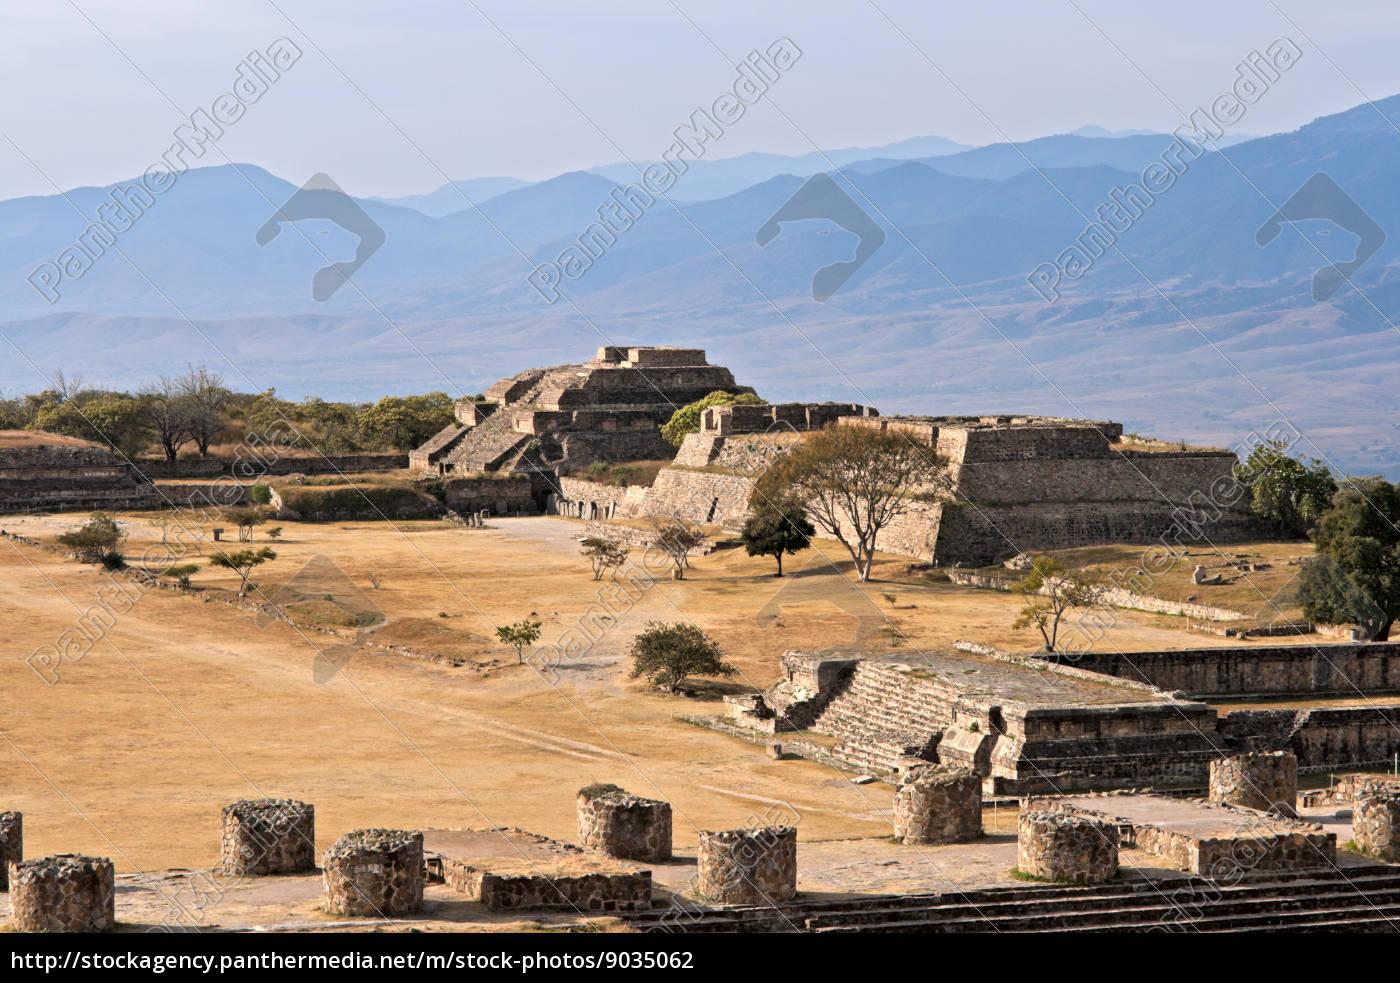 alte, ruinen, auf, dem, plateau, monte - 9035062